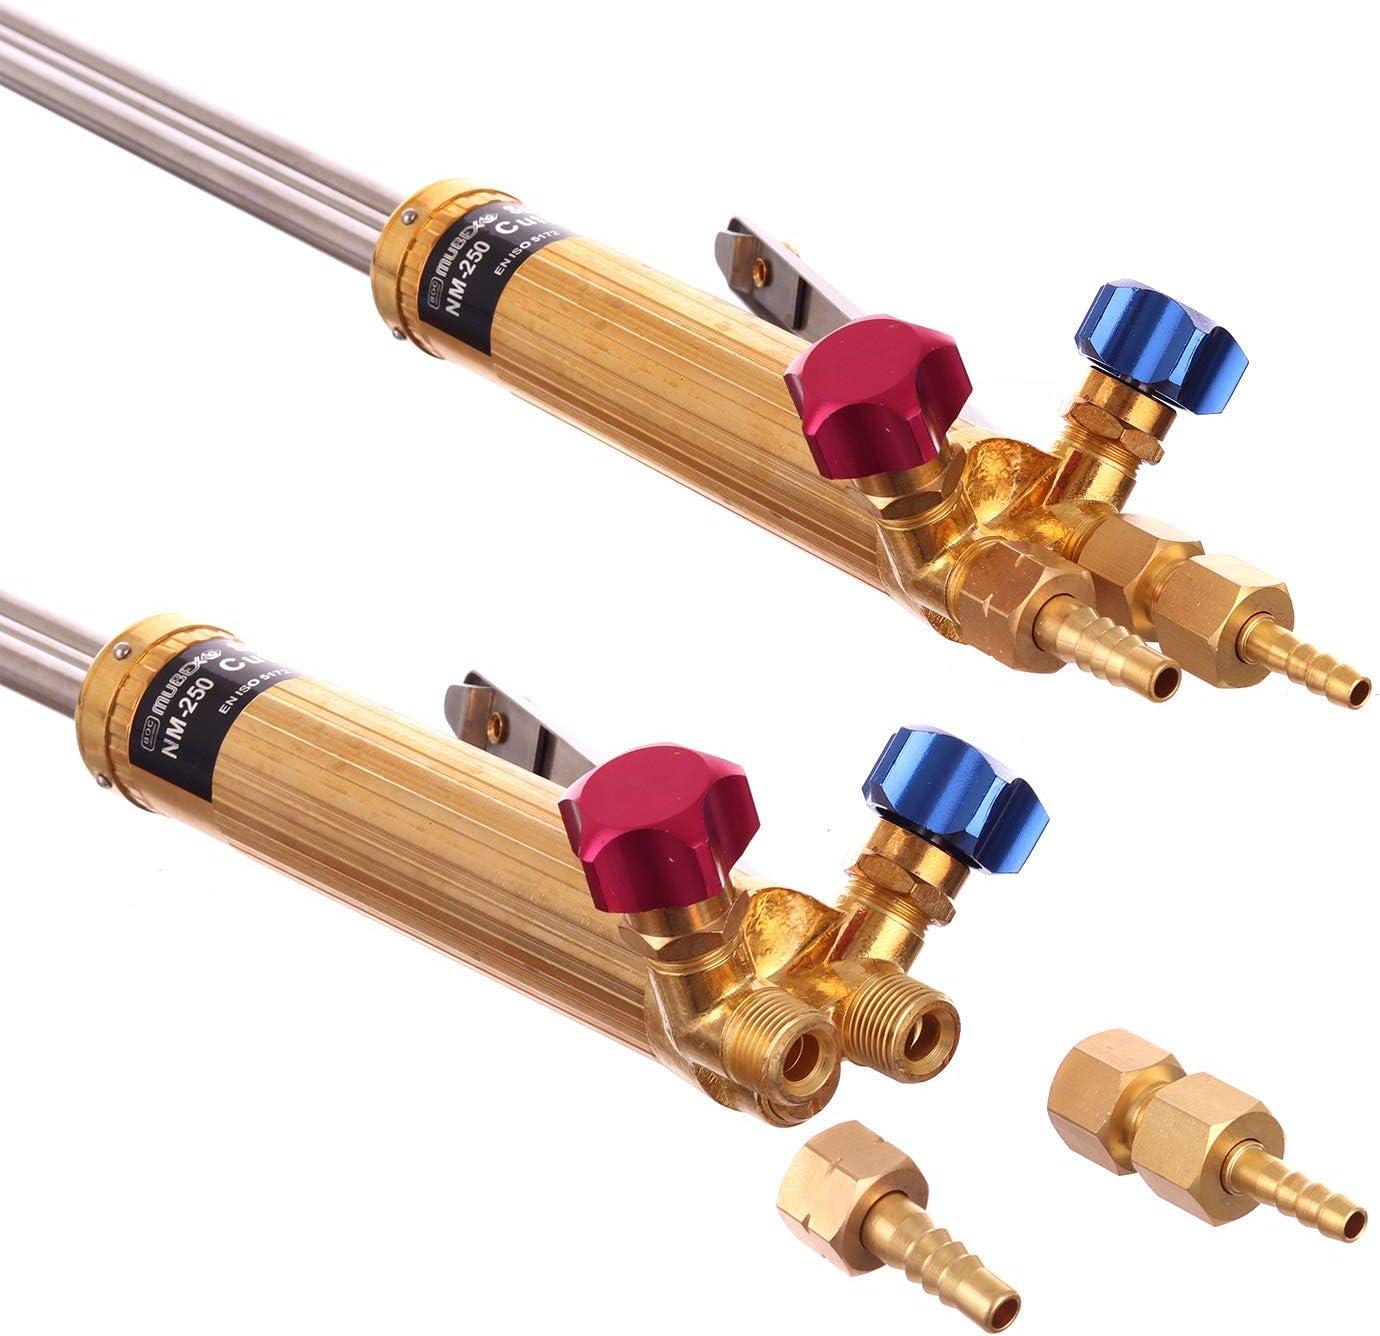 Schneidbrenner Schneiden Fackel MM-250 750mm 75cm f/ür Gas Propan Sauerstoff mit D/üse 3//64 PNME 10-25mm